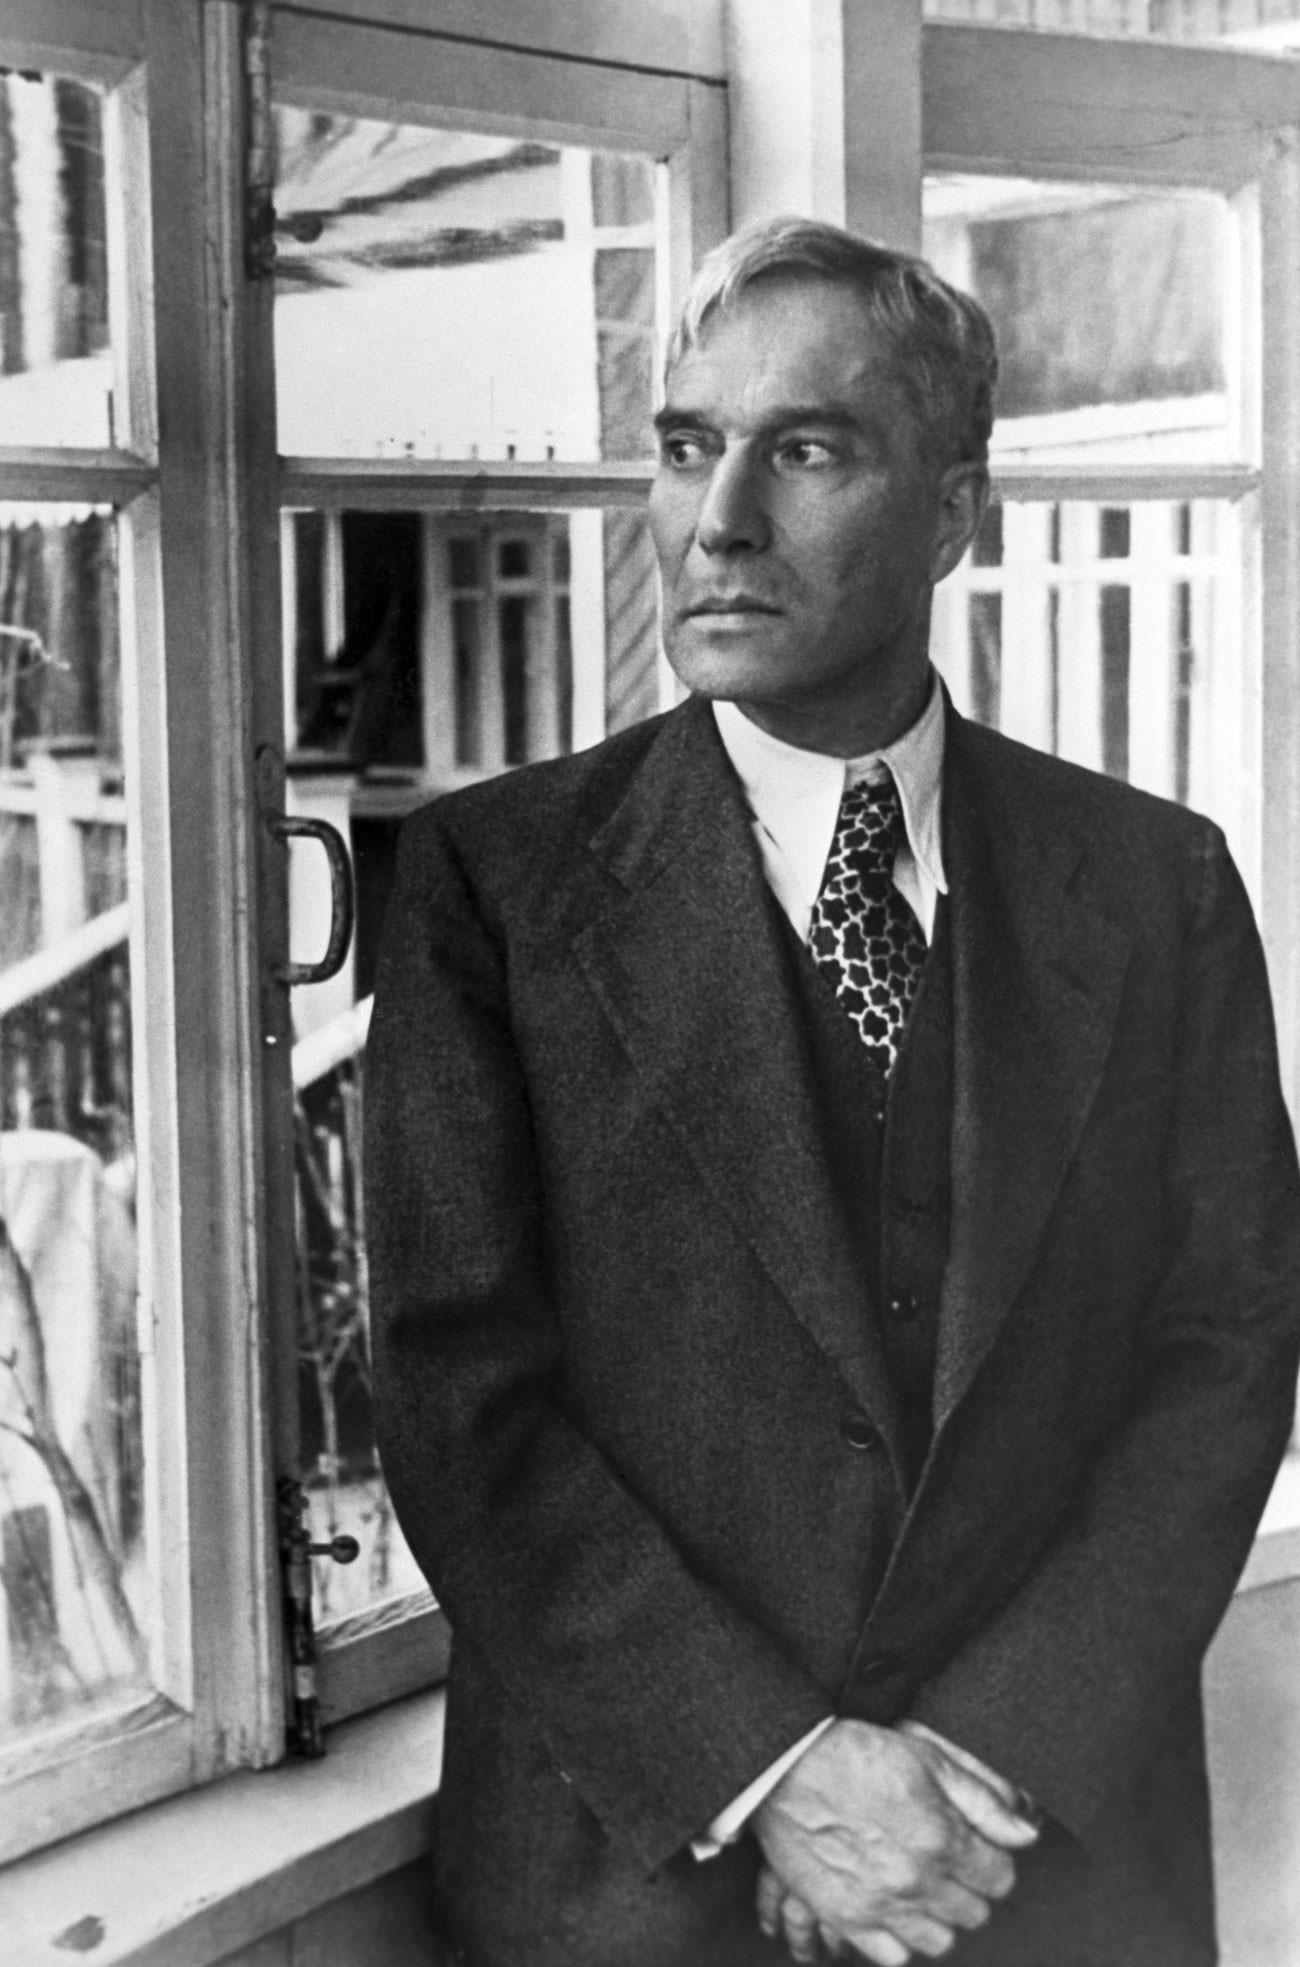 """O maior romance de Pasternak, """"Doutor Jivago"""", teve que ser contrabandeado para fora da URSS e foi publicado primeiramente na Itália."""